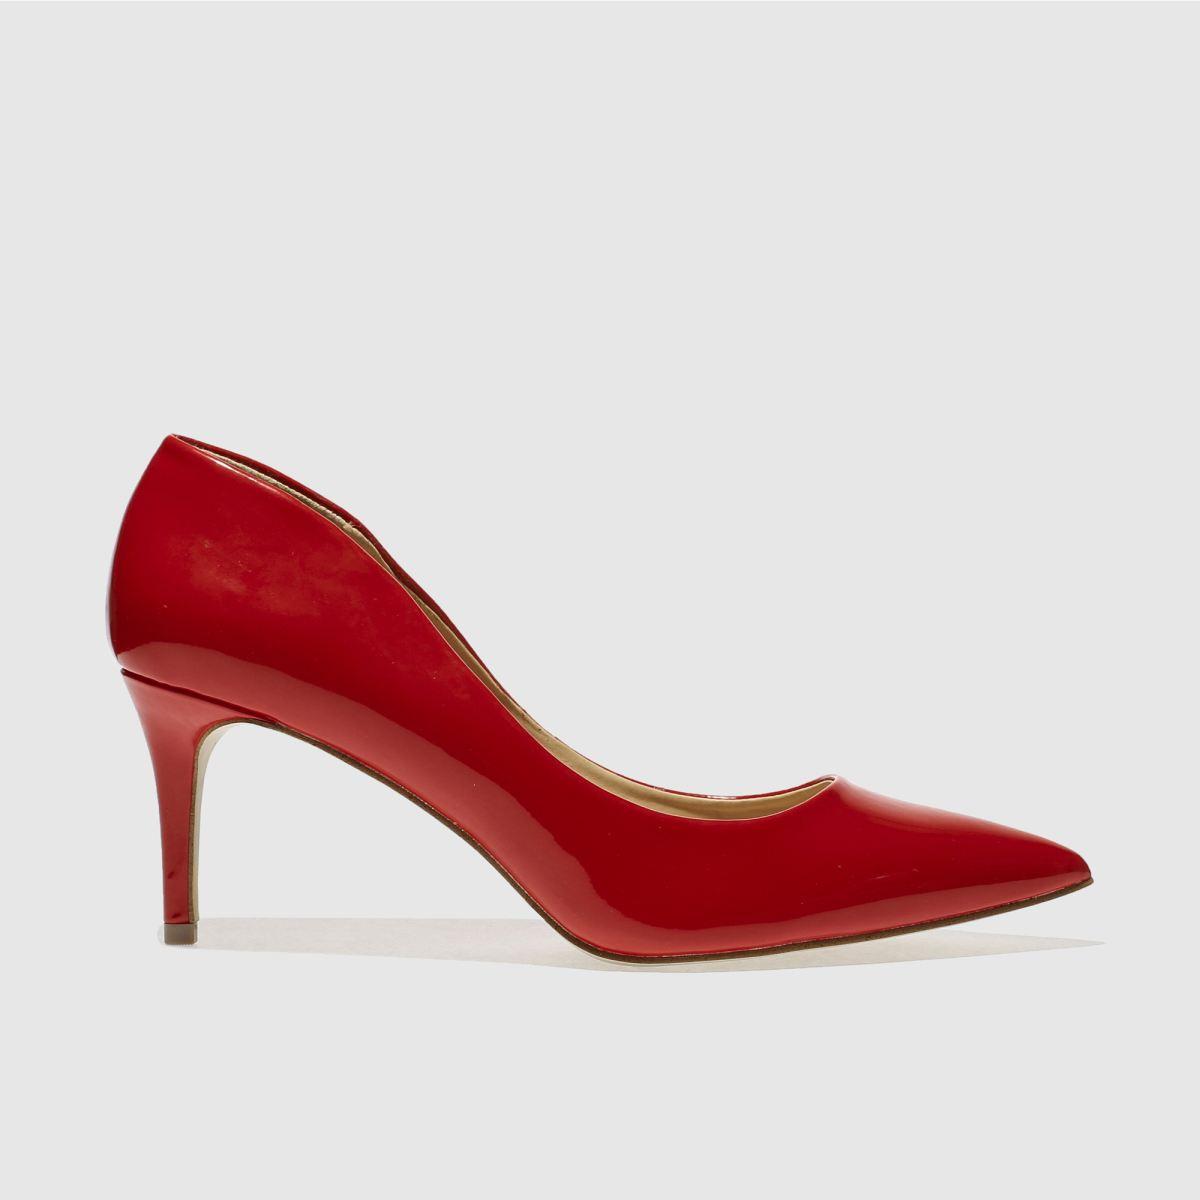 Schuh Red Flutter Low Heels